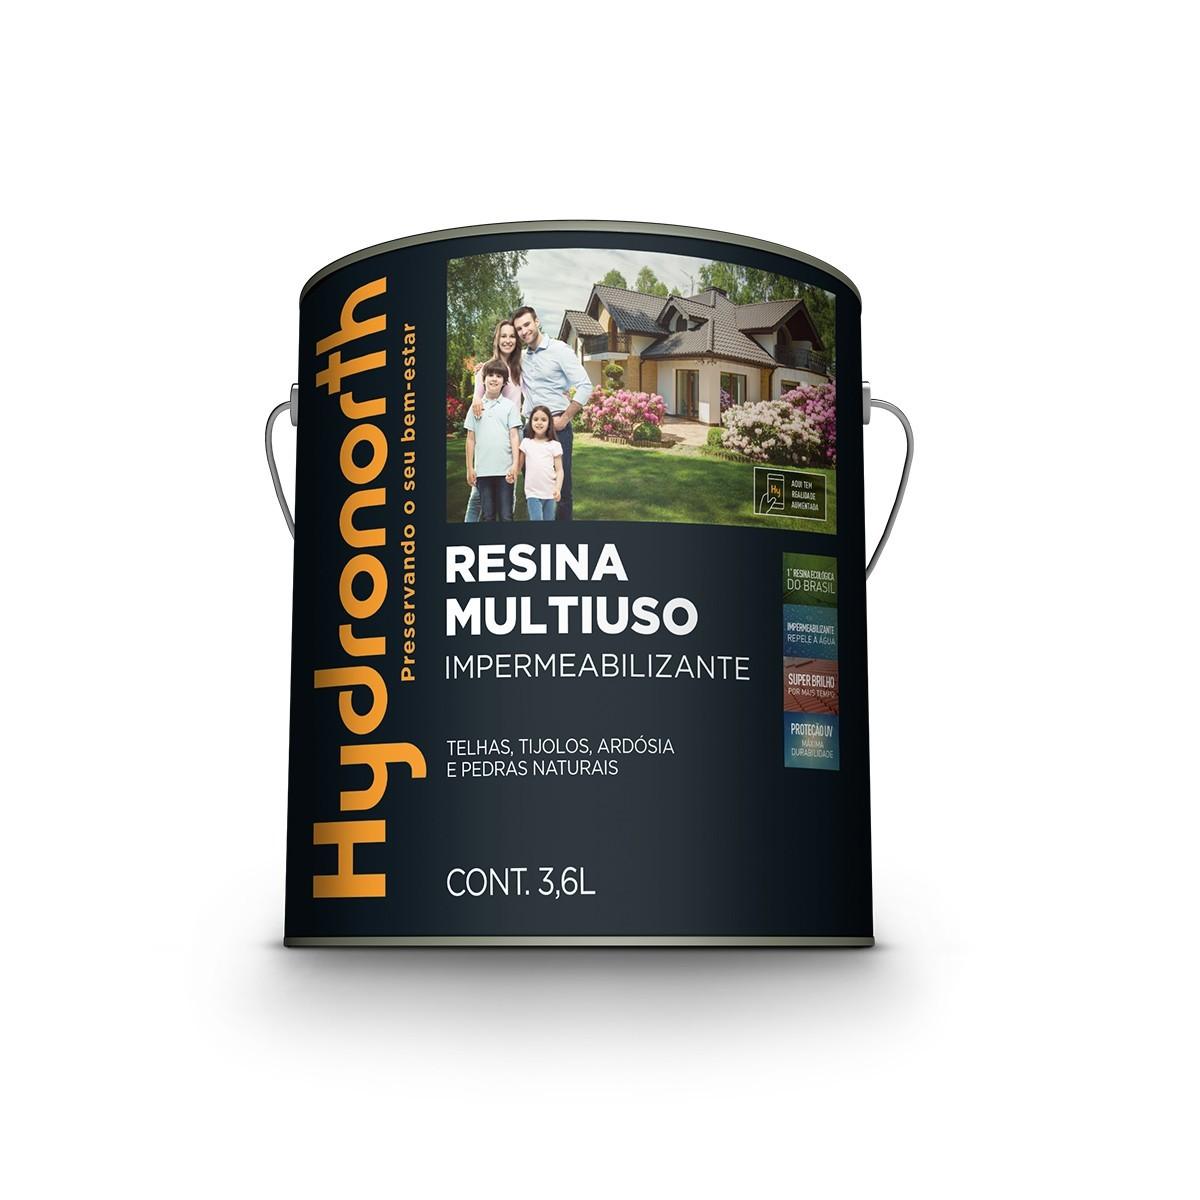 Resina Acrilica Multiuso Impermeabilizante 36 Litros Ceramica Onix - Hydronorth